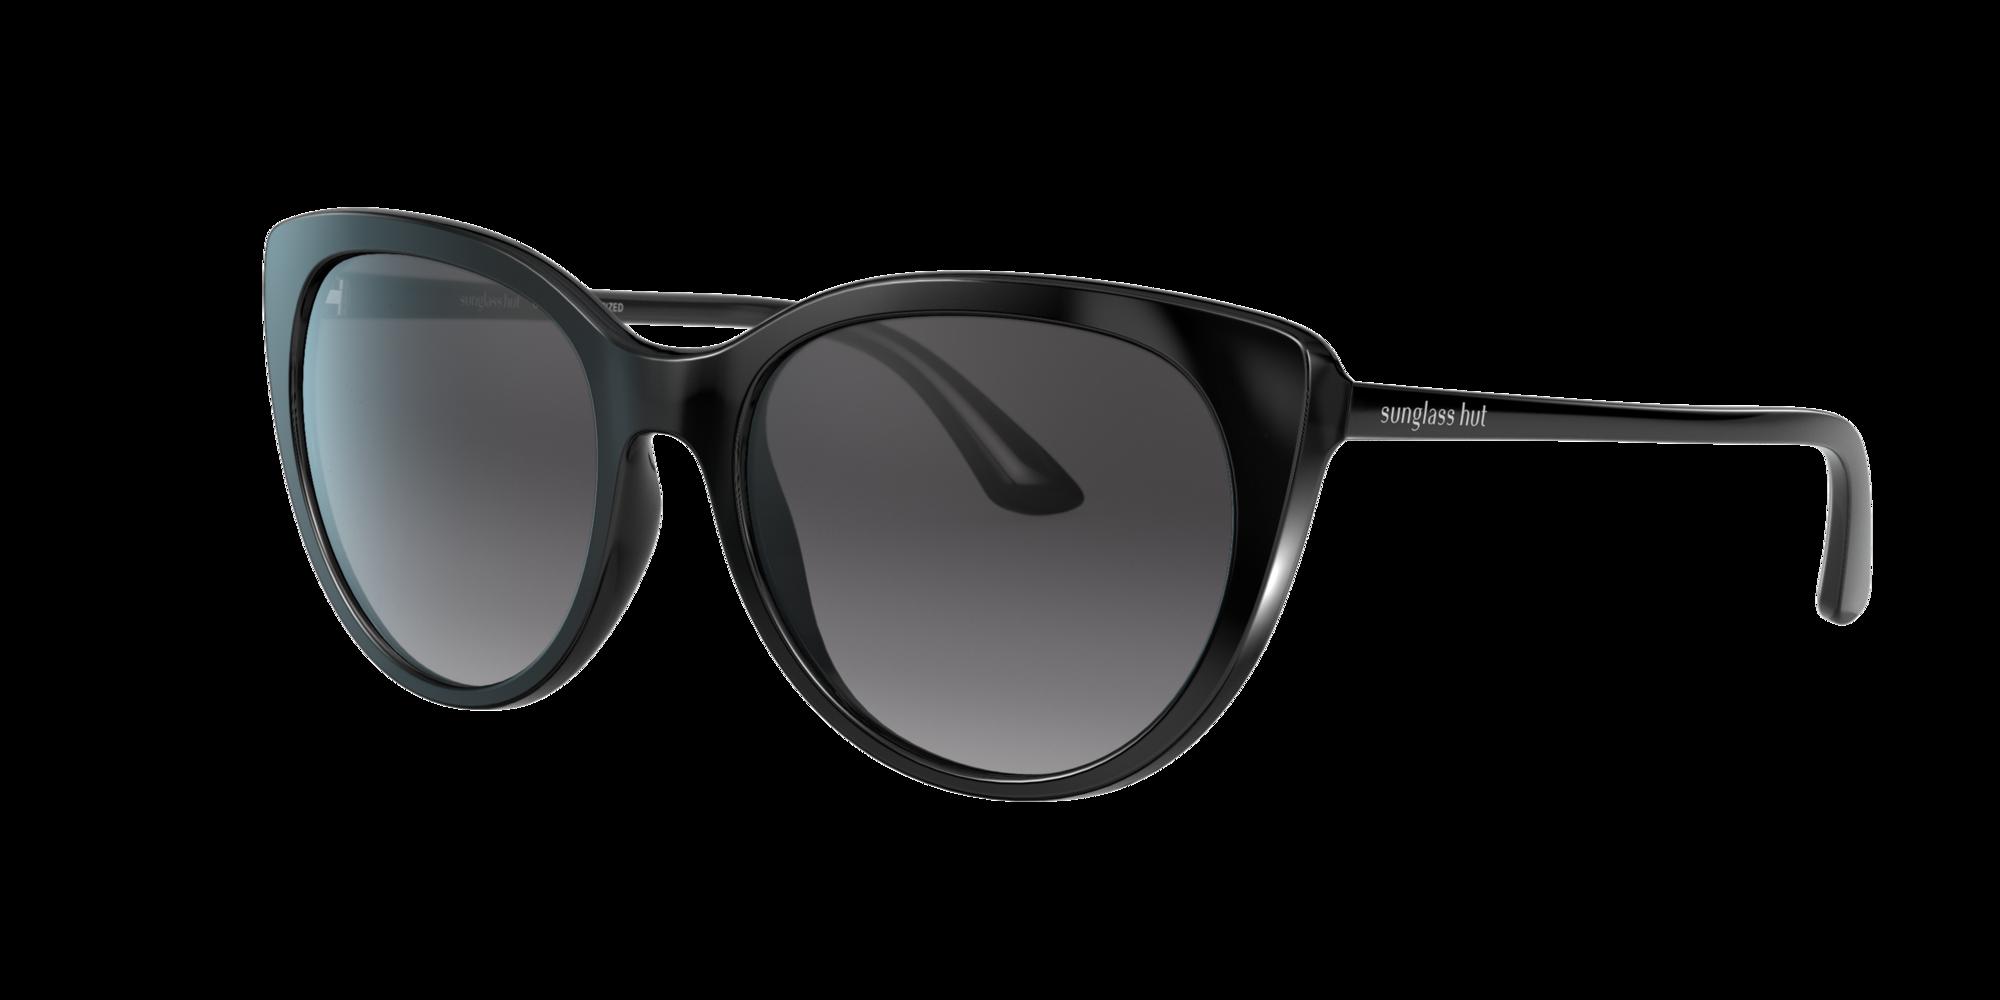 Collection Sunglass Hut Unisex  HU2016 -  Frame color: Noir, Lens color: Gris-Noir, Size FA-LS/140